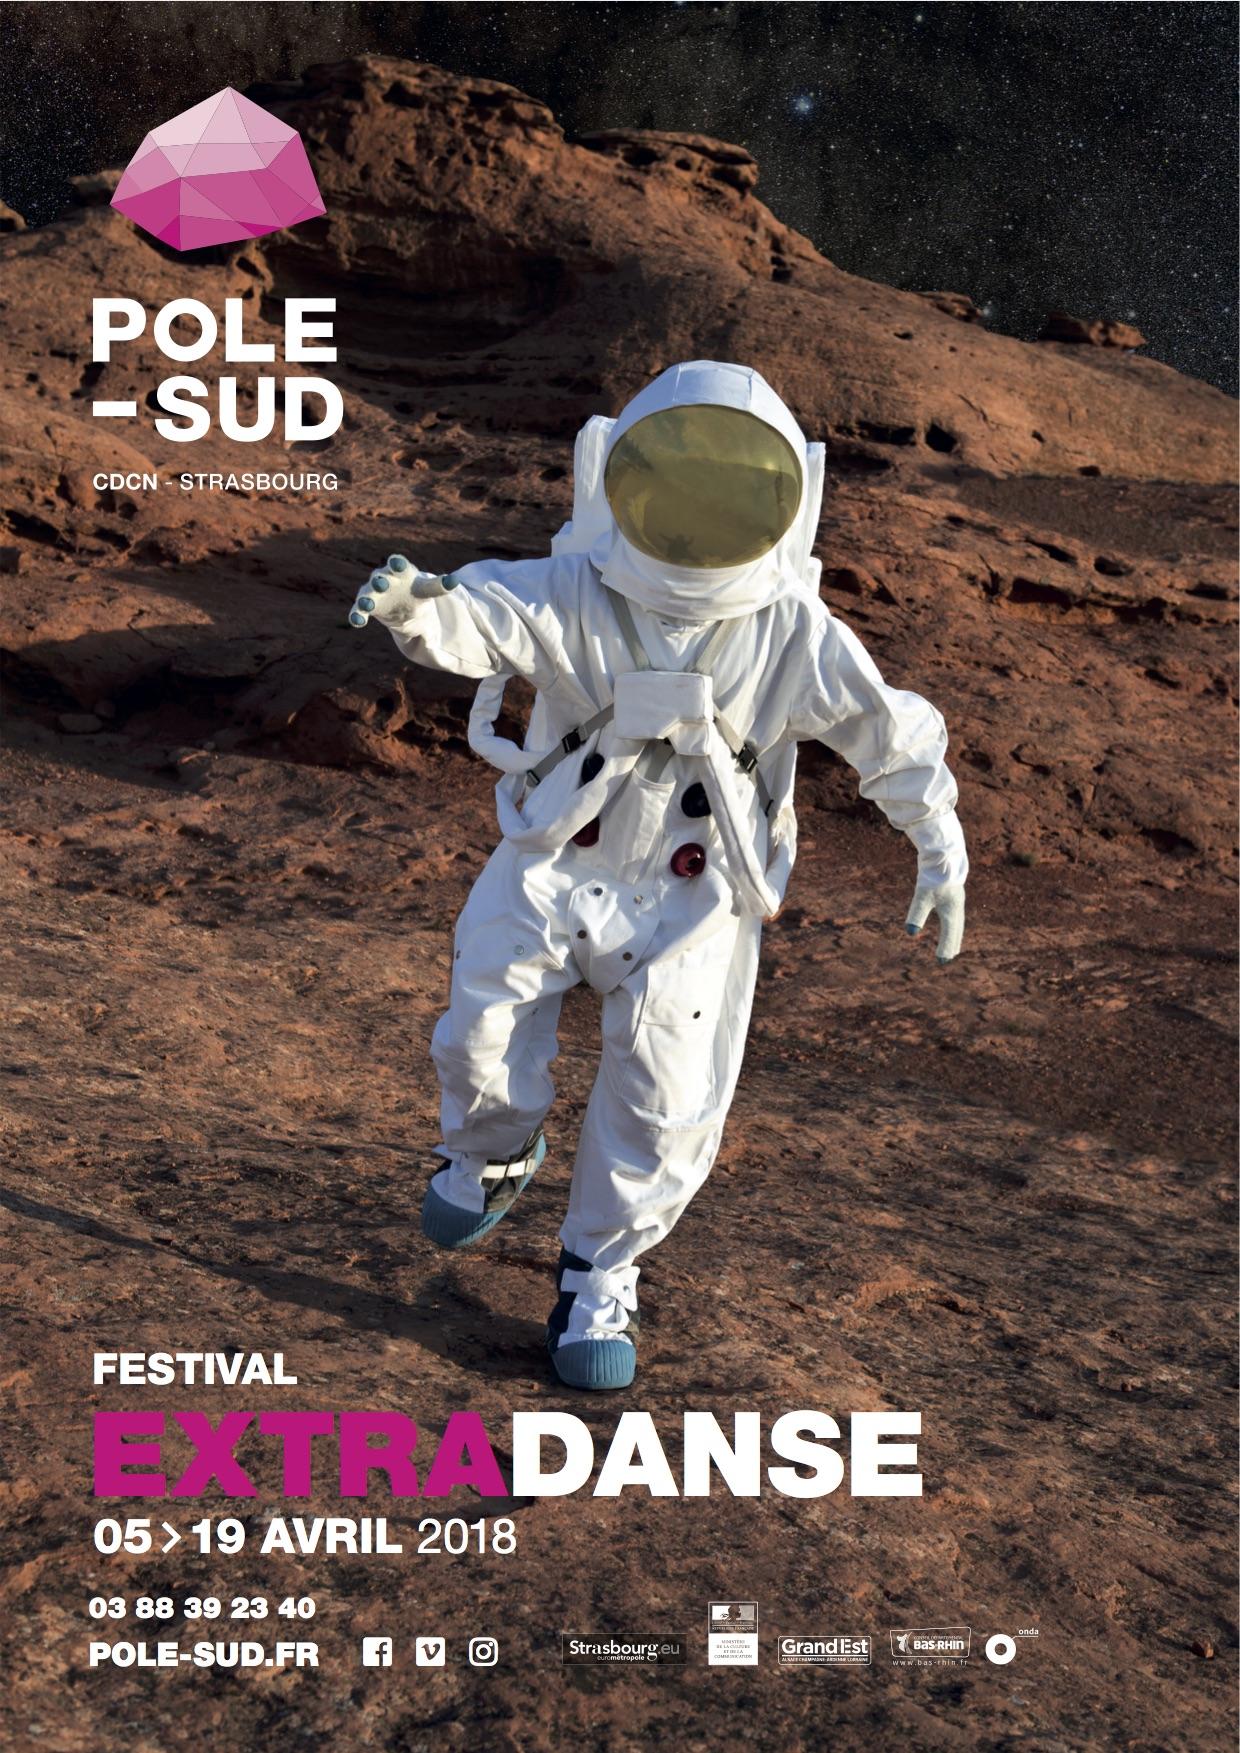 Festival Extradanse à Pôle Sud